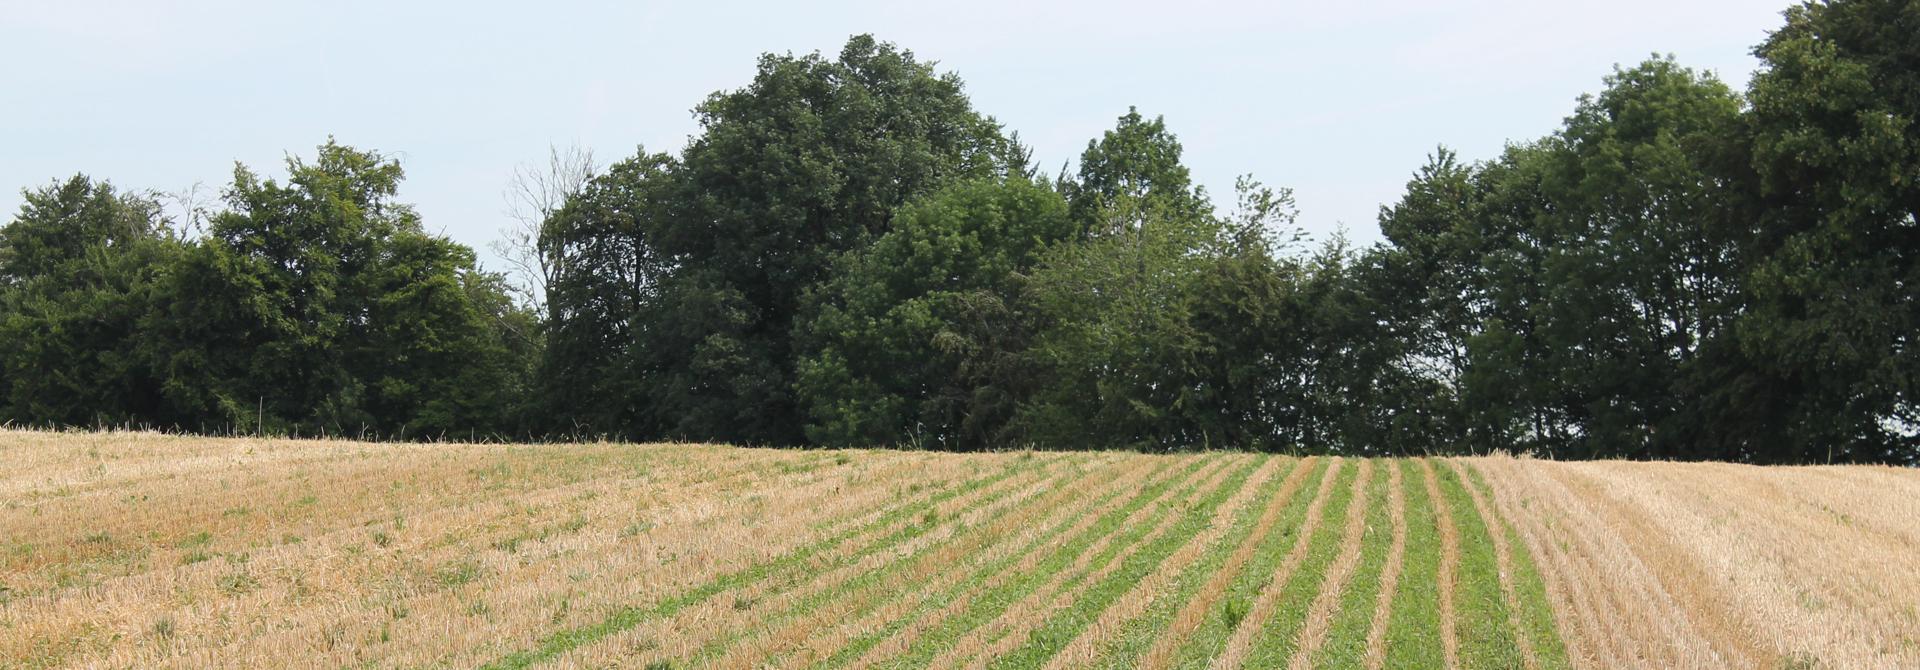 Entwicklung der Untersaaten drei Tage nach der Ernte in der Variante mit der Sorte NARA und 37 cm Reihenabstand (Bild: K. Carrel, Strickhof)>